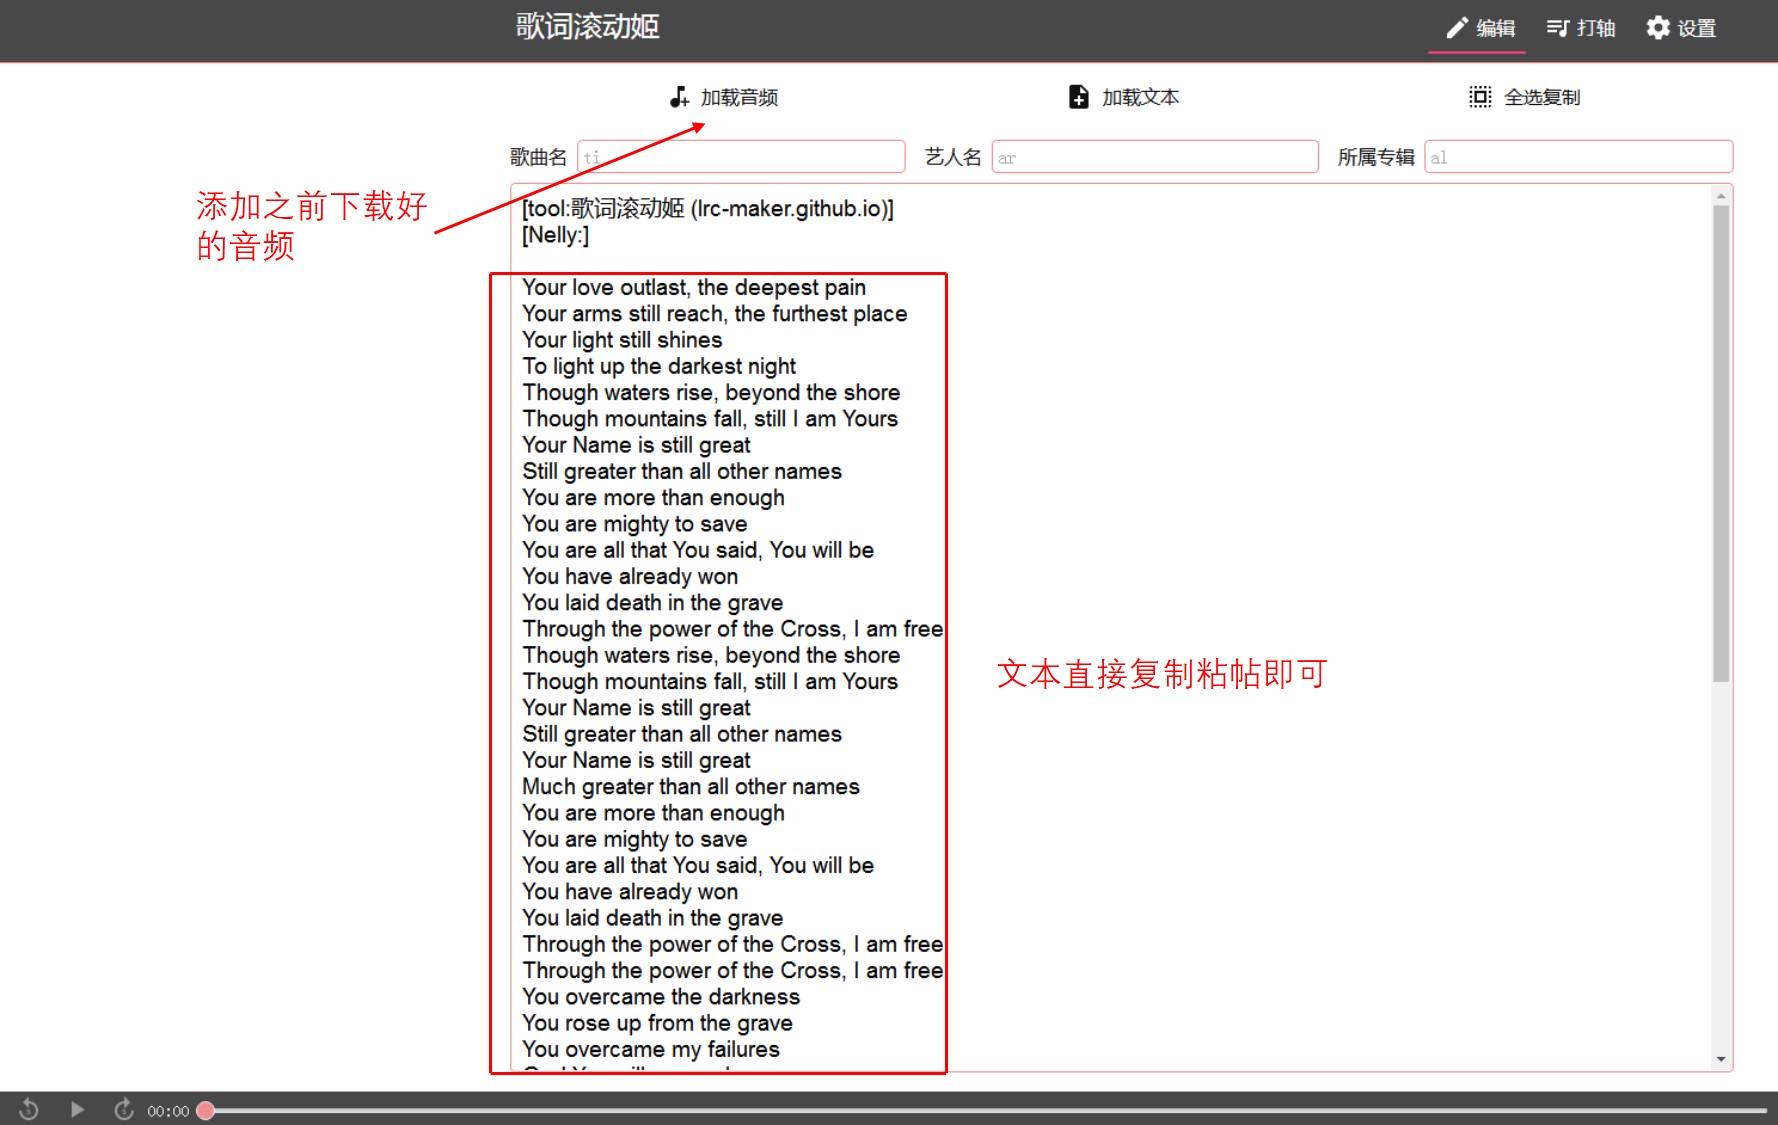 歌词搜索歌曲_歌词找歌名_歌词搜歌_365音乐网